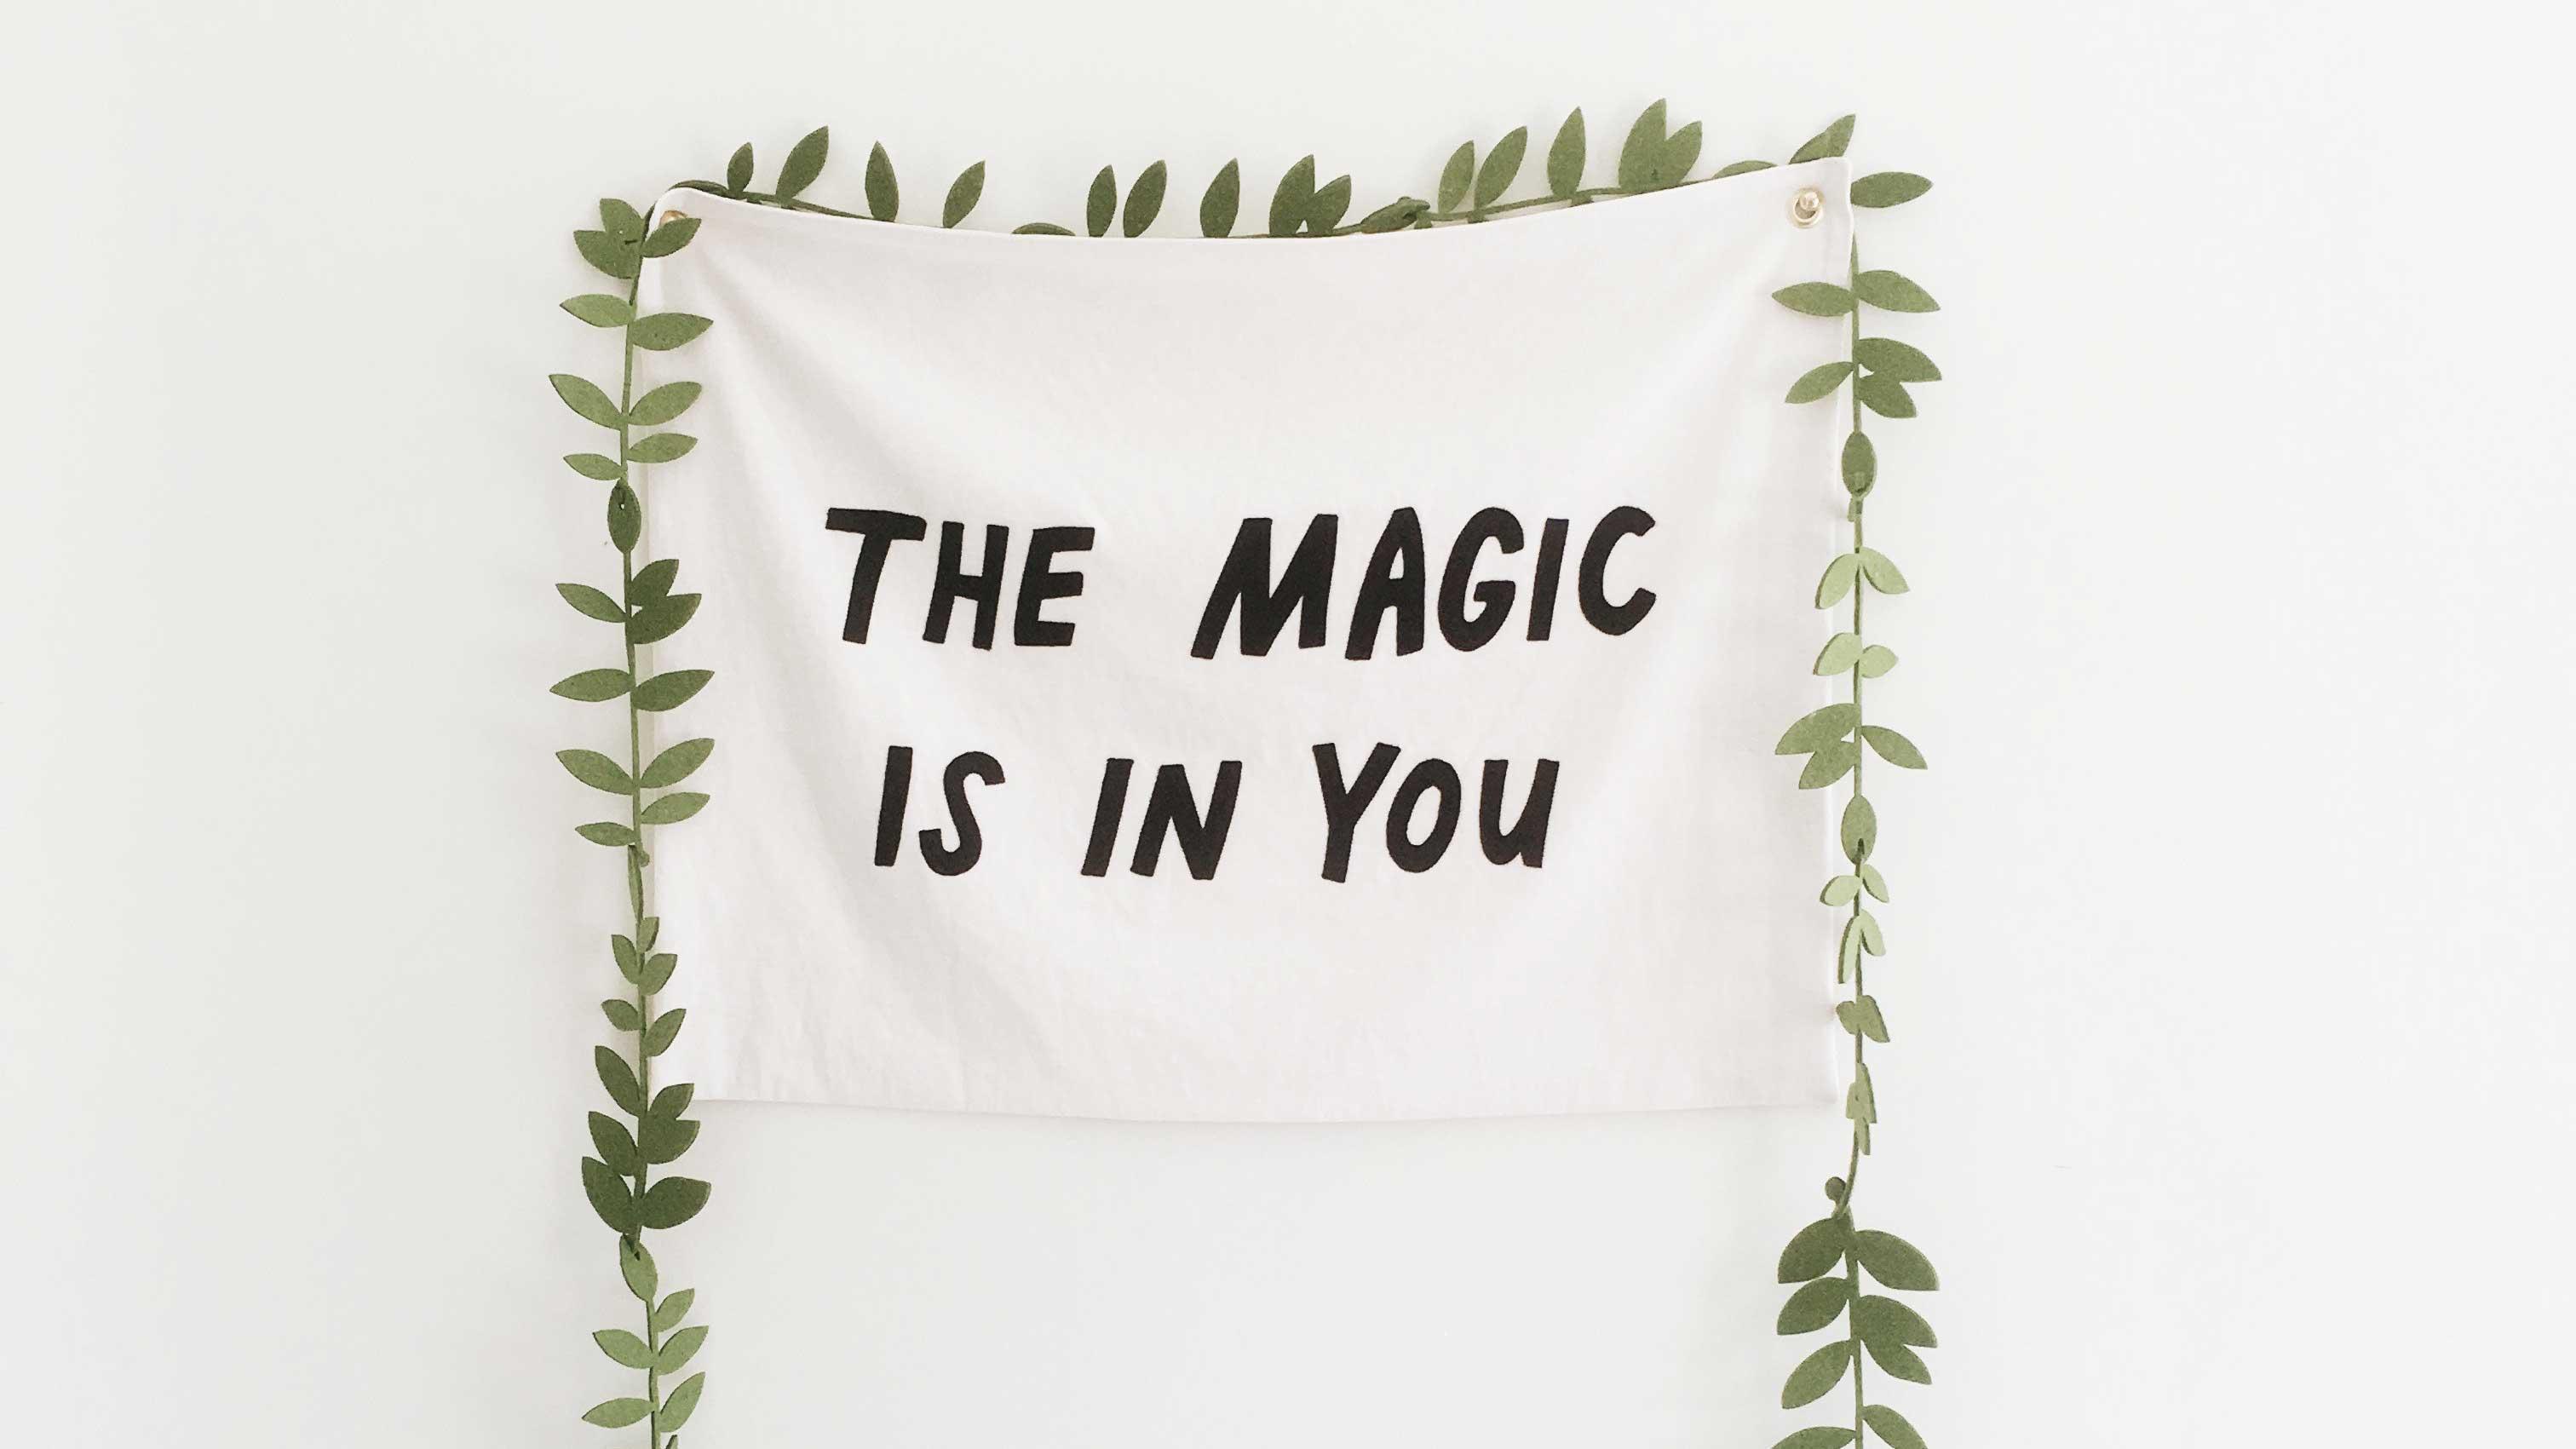 """Pano com a frase """"Tha Magic is in You"""" pregado a parede com folhas ao redor, como as de uma árvore."""